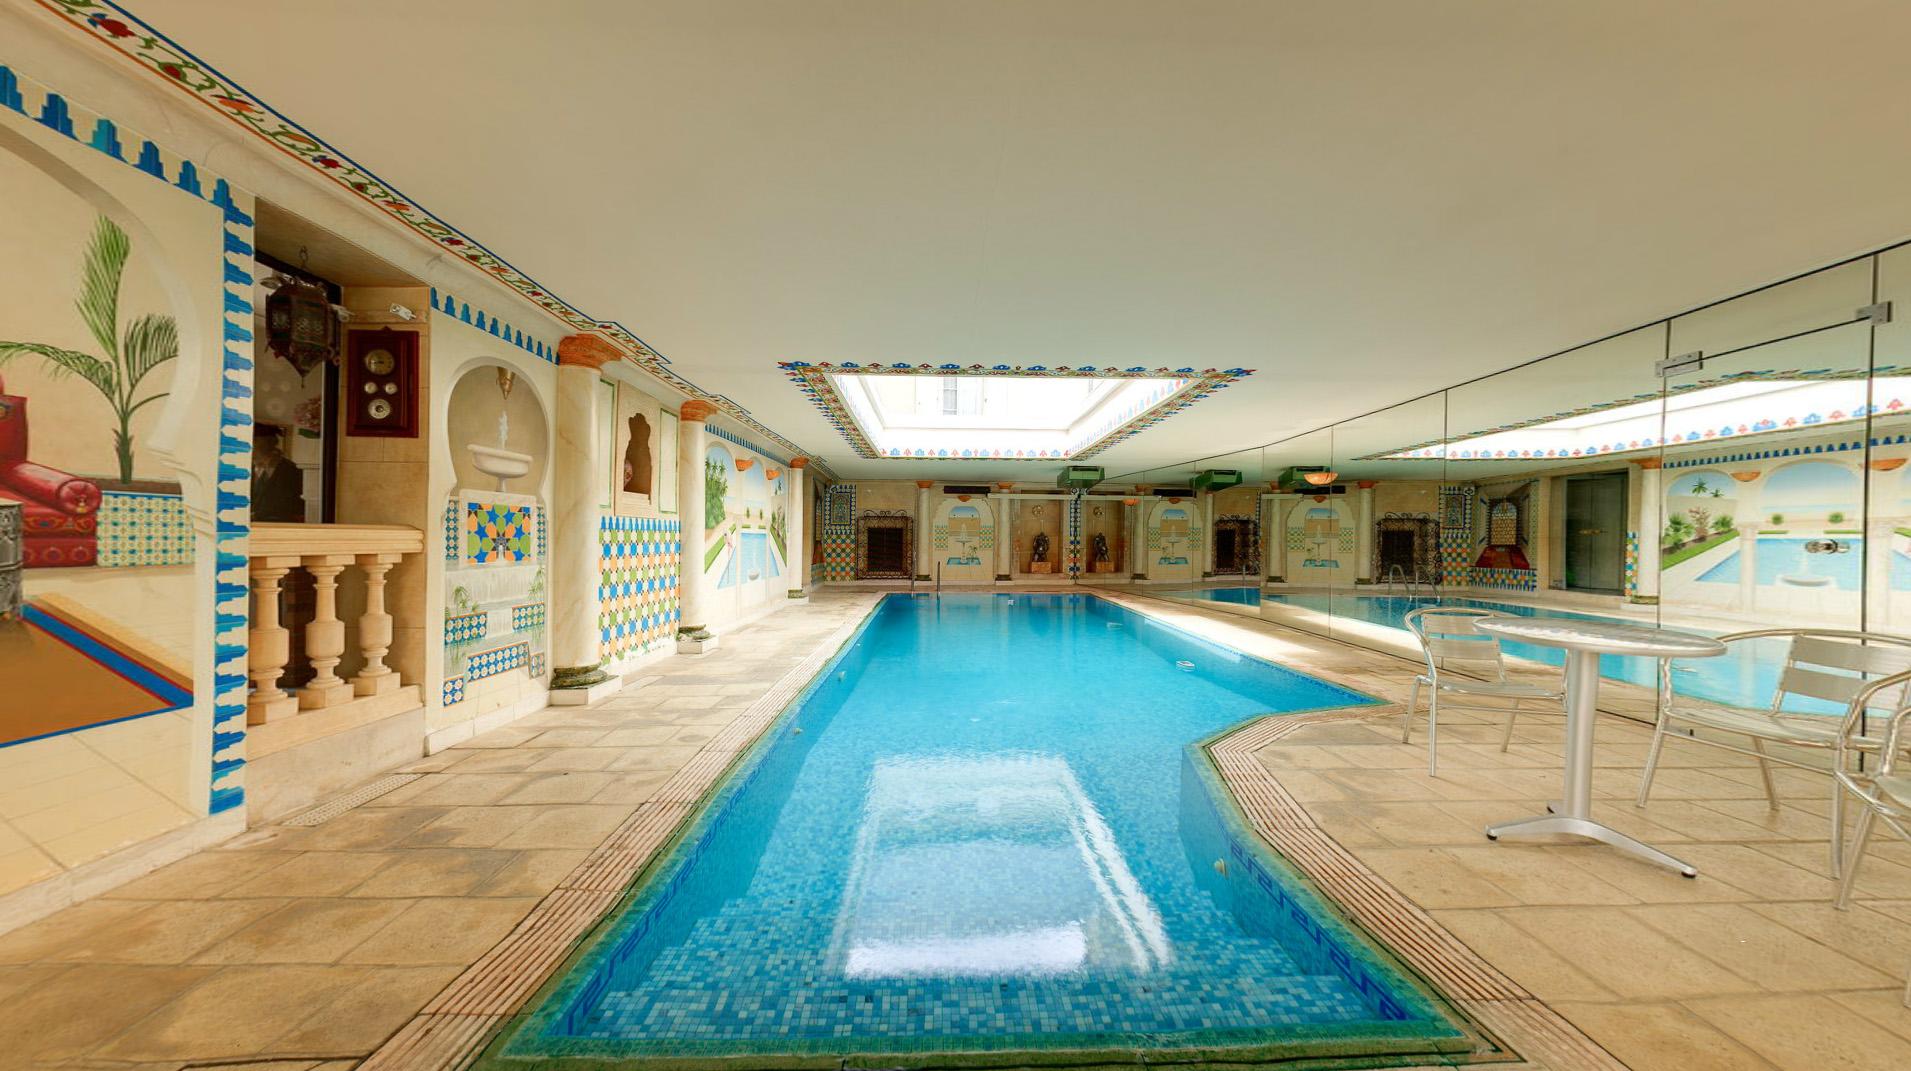 amphore-du-berry-chambre-d-hotes-piscine-my-audio-fit